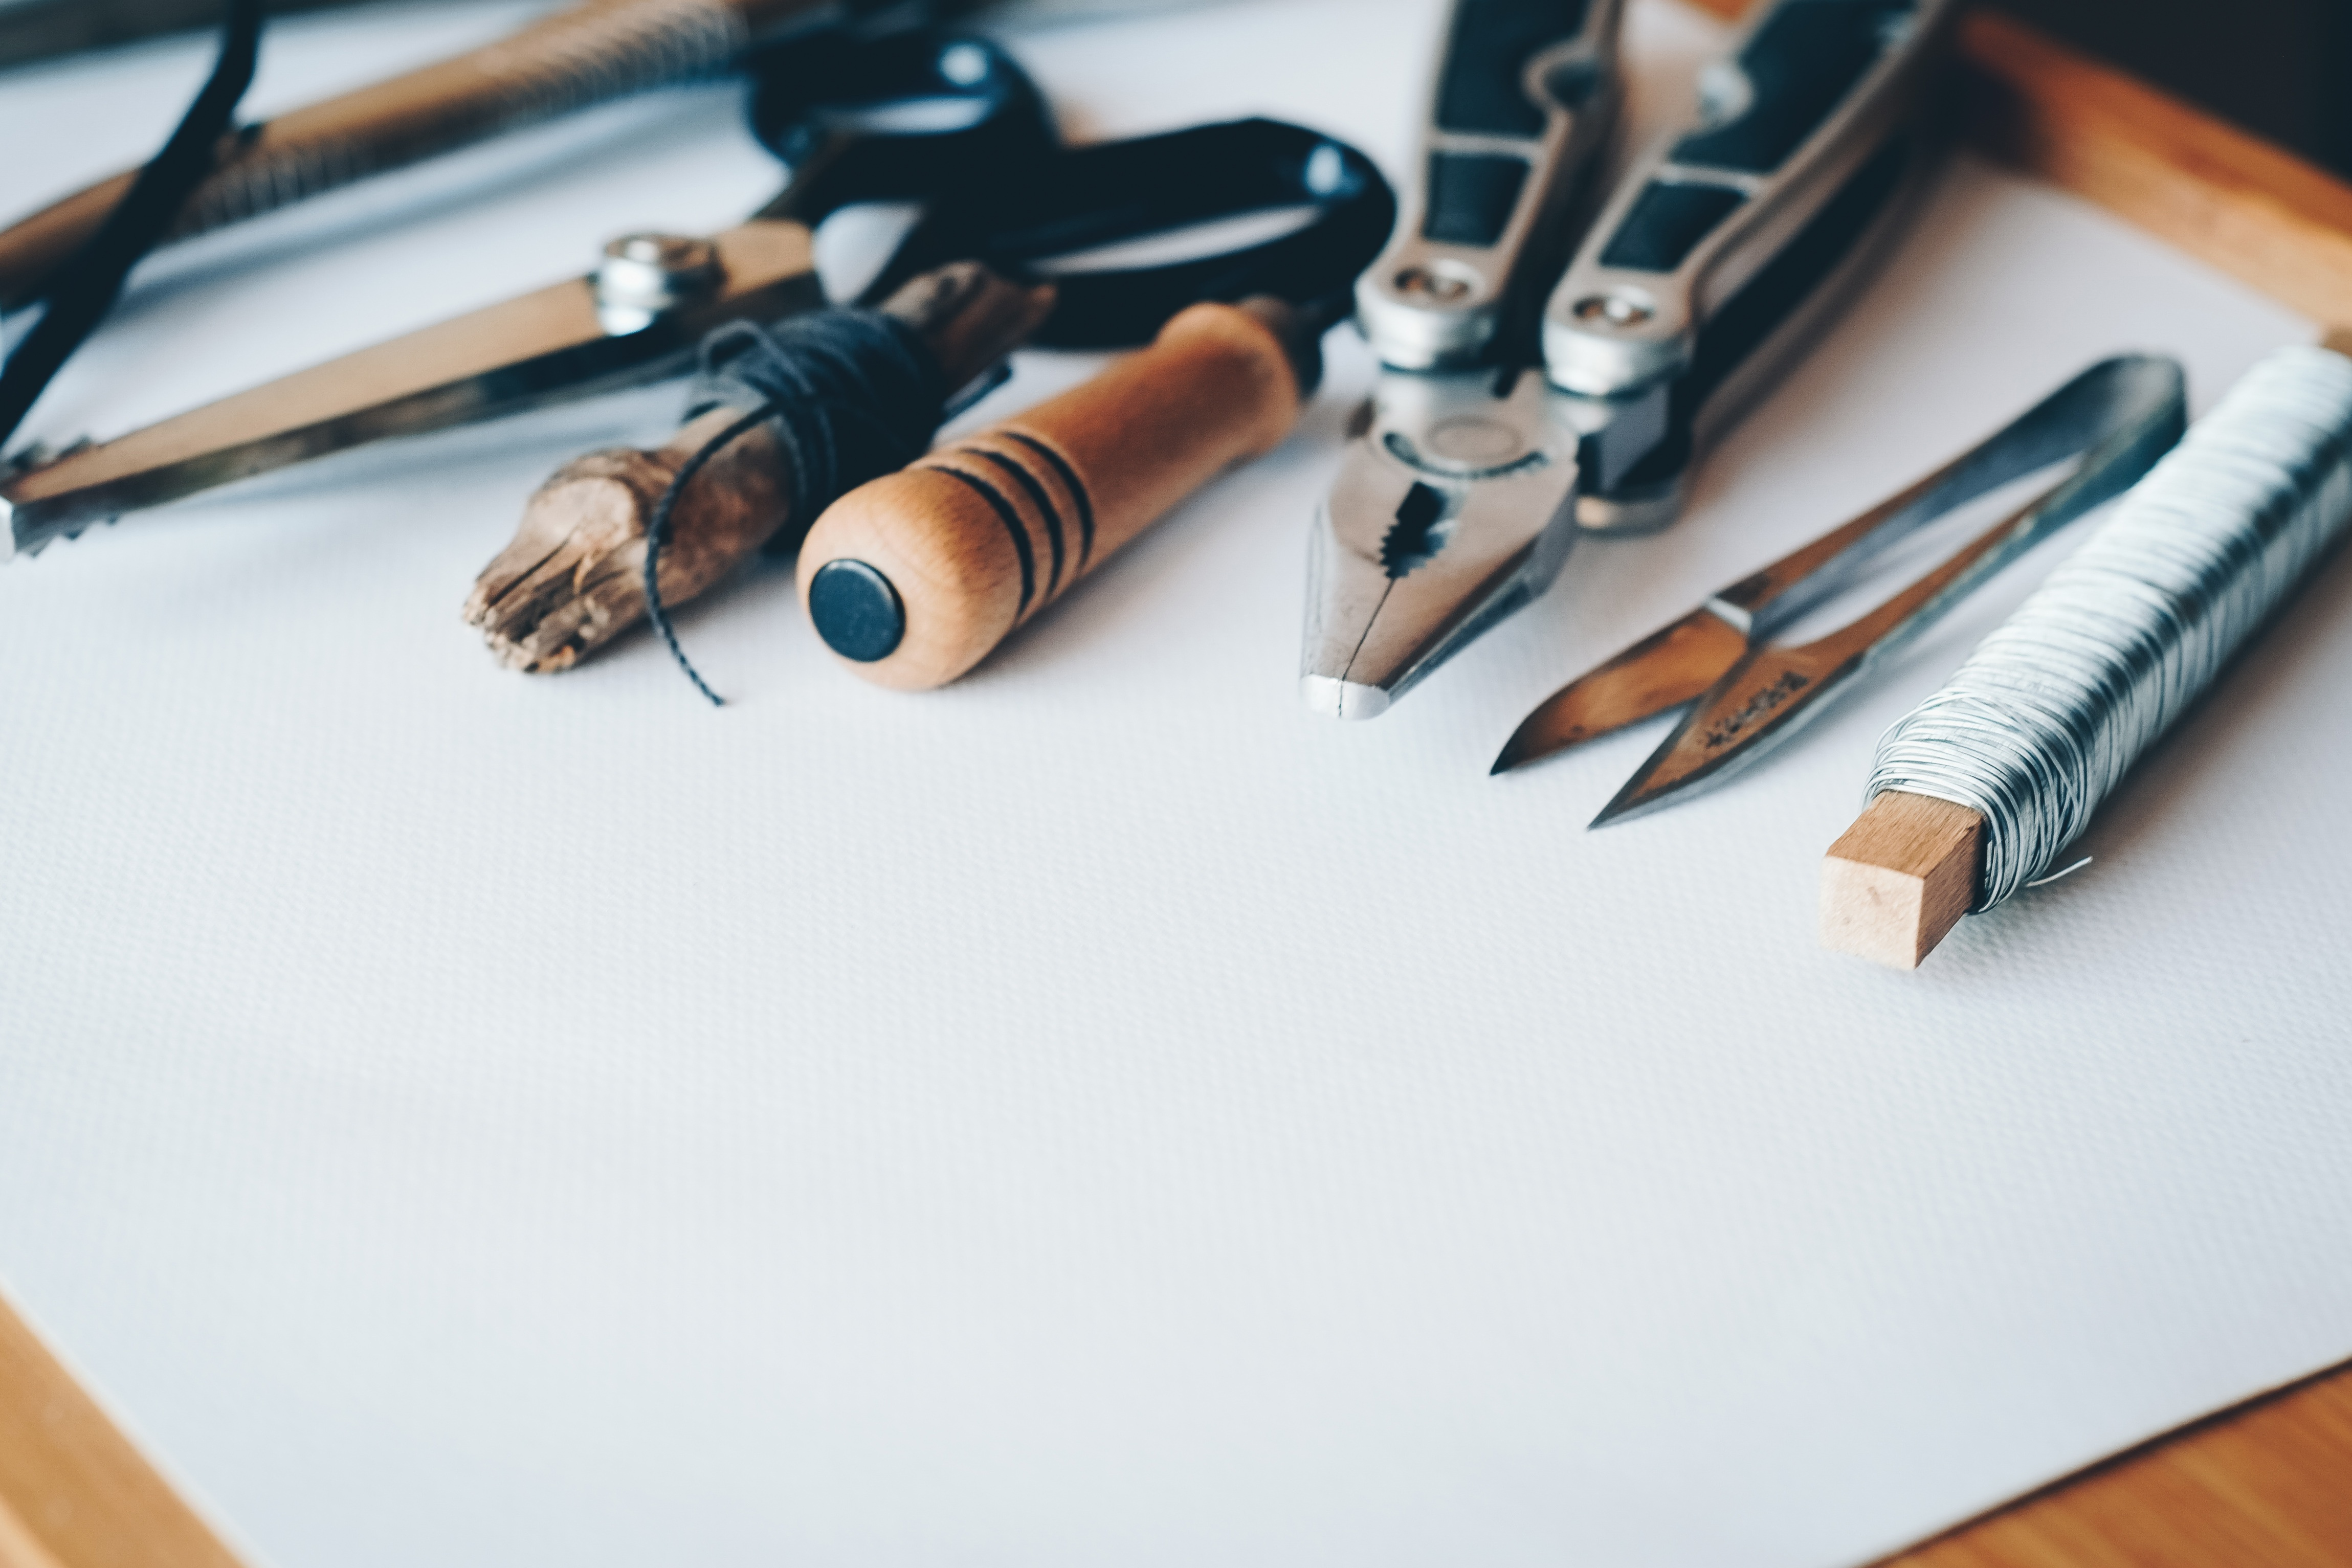 outils sur une feuille blanche